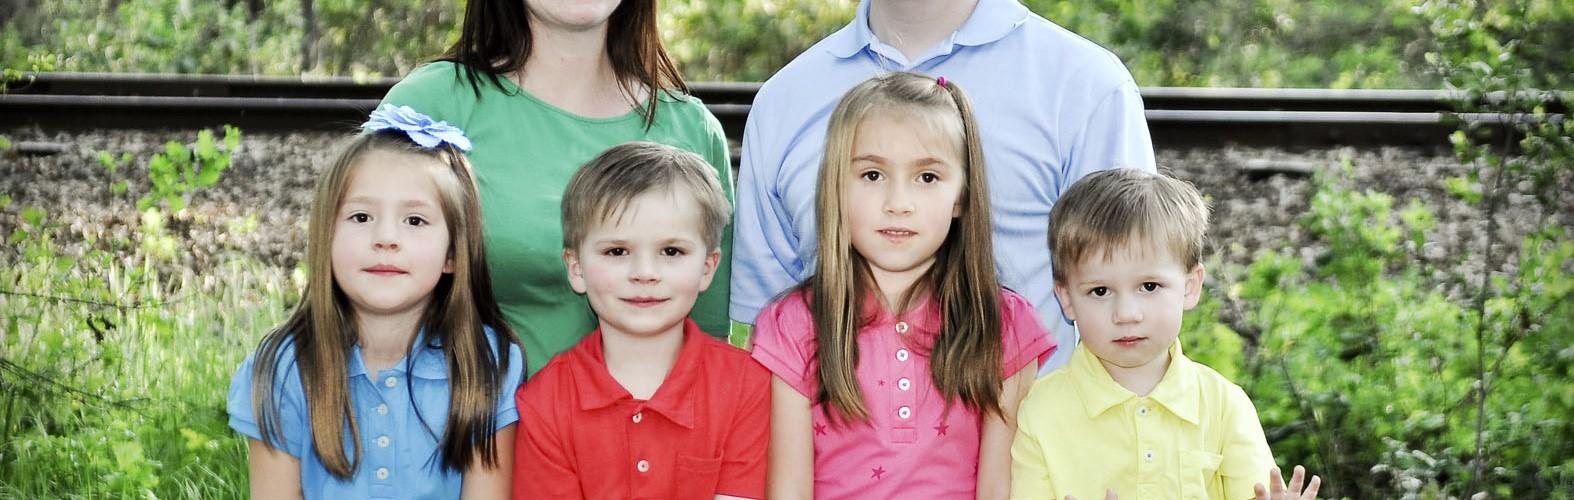 2013 Family Photo